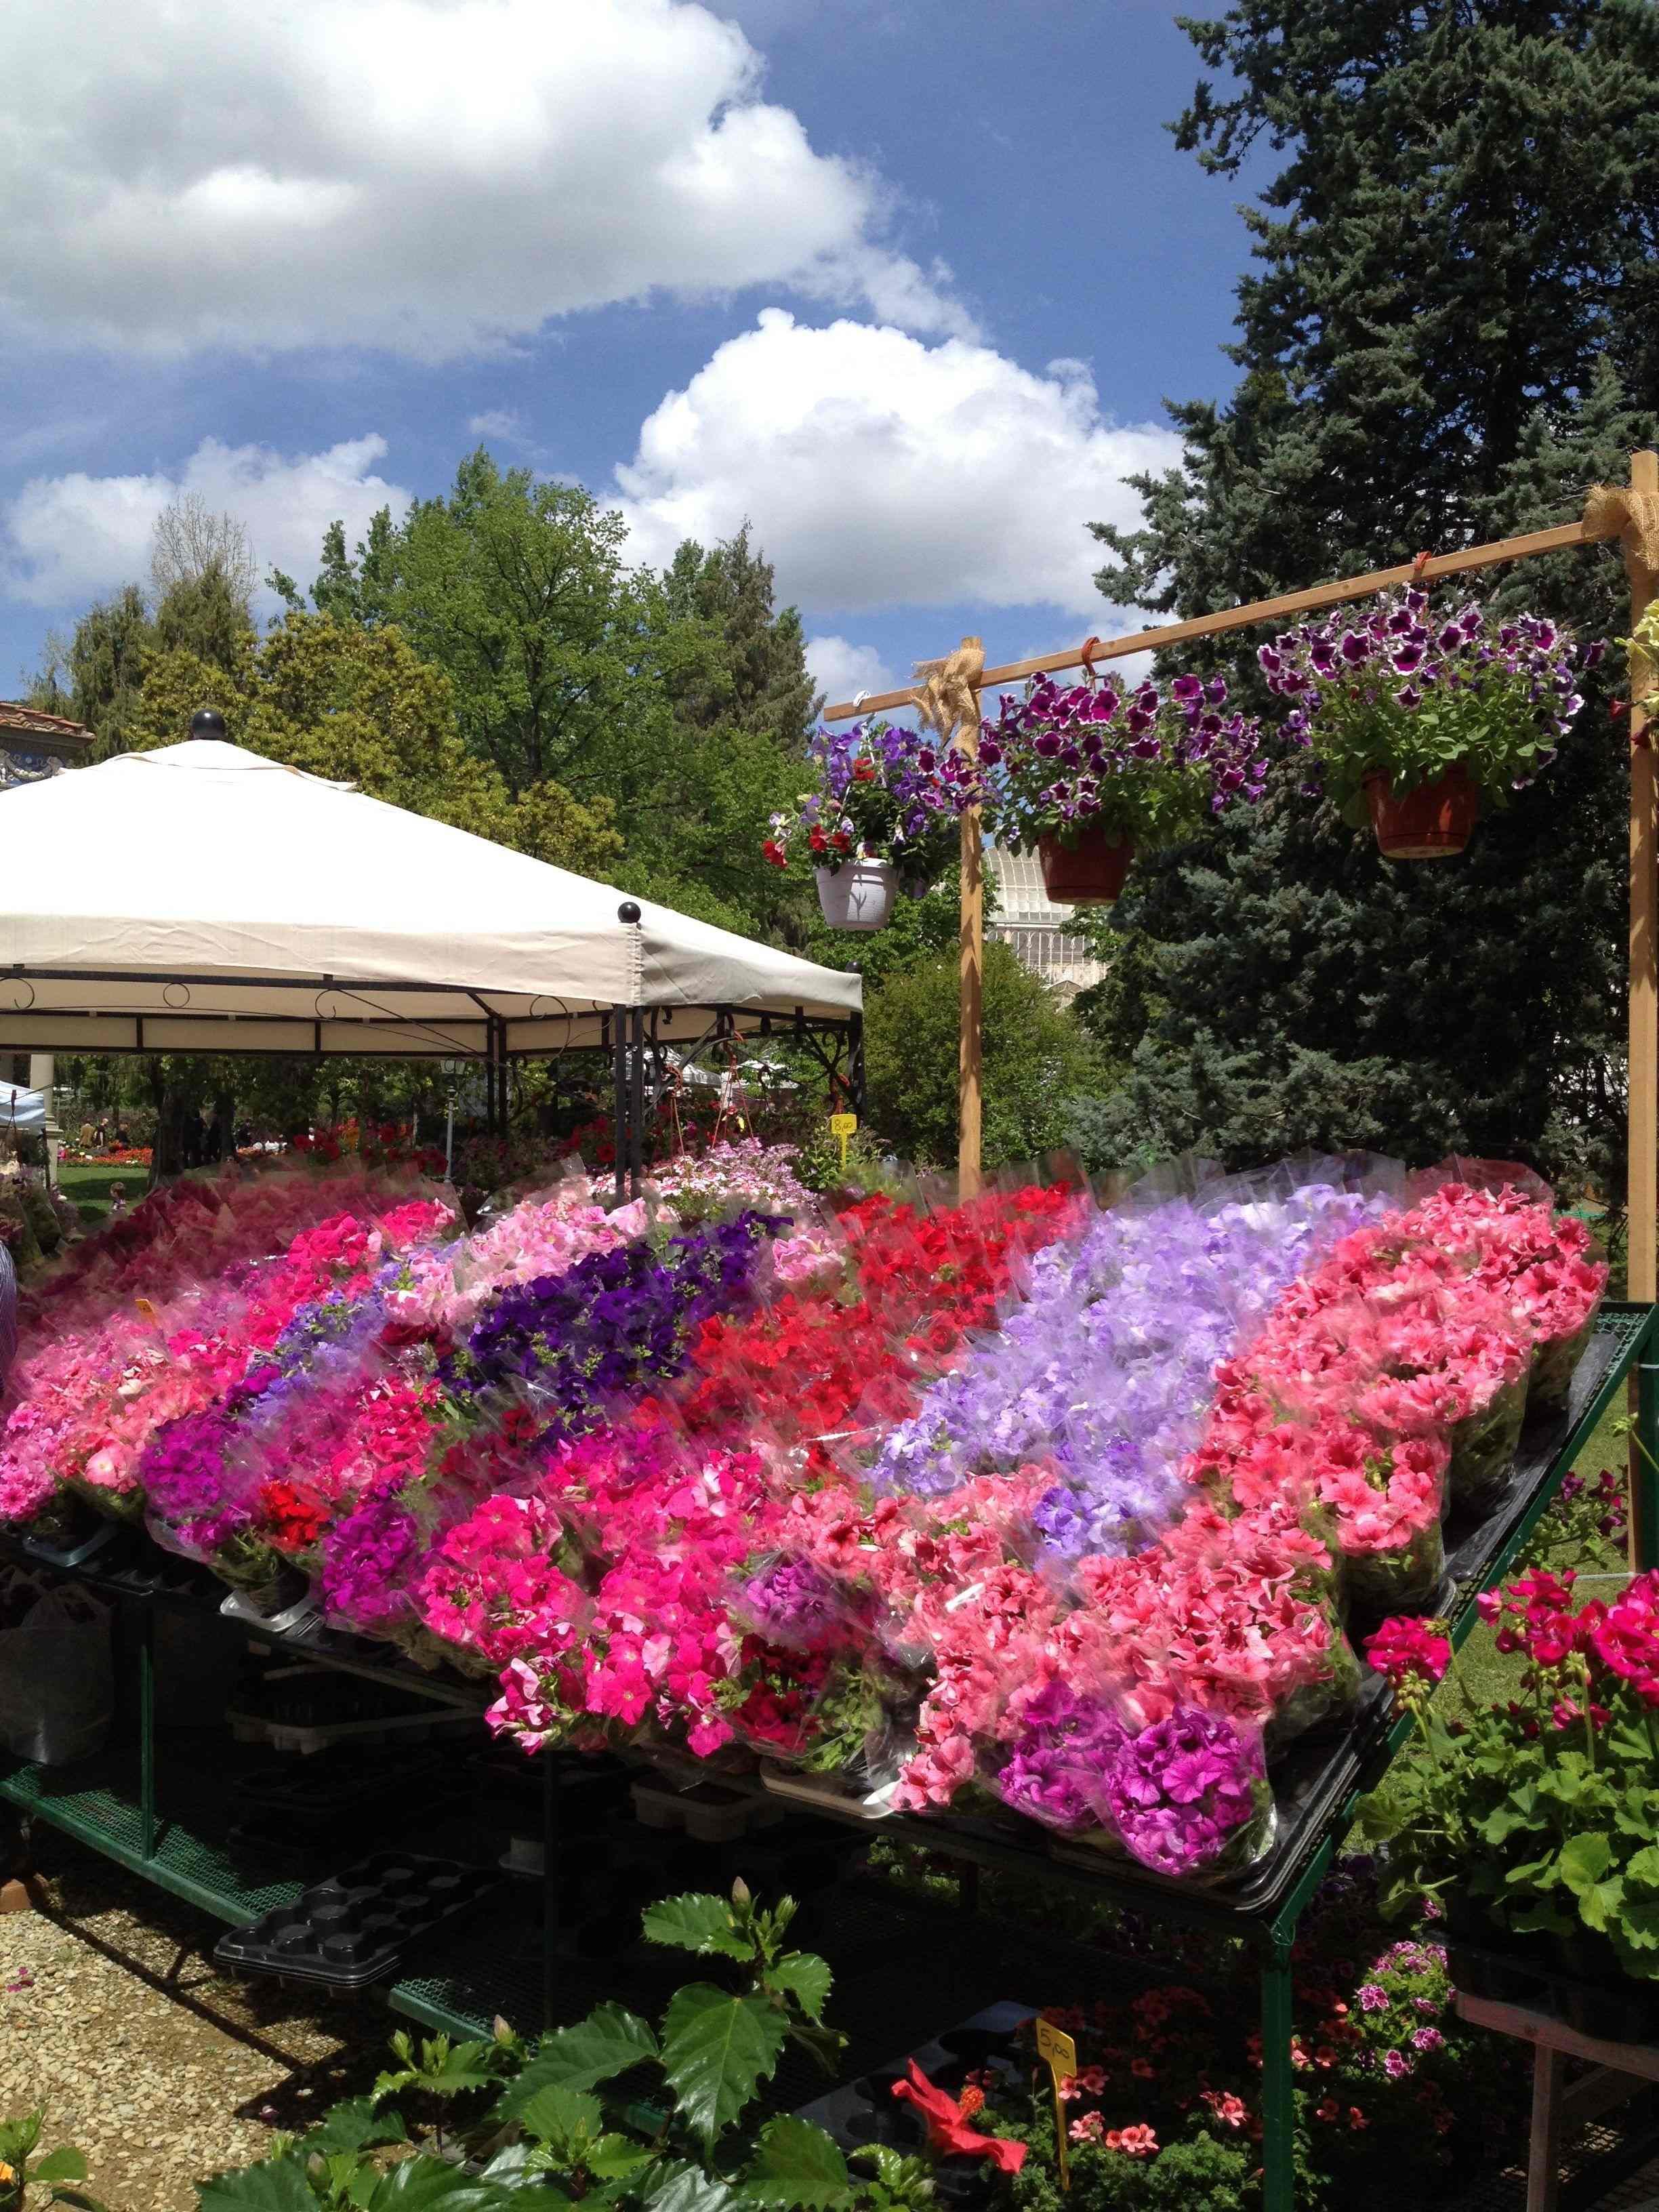 Mostra dei fiori al giardino dell 39 orticoltura 25 aprile - Giardino dell orticoltura firenze ...